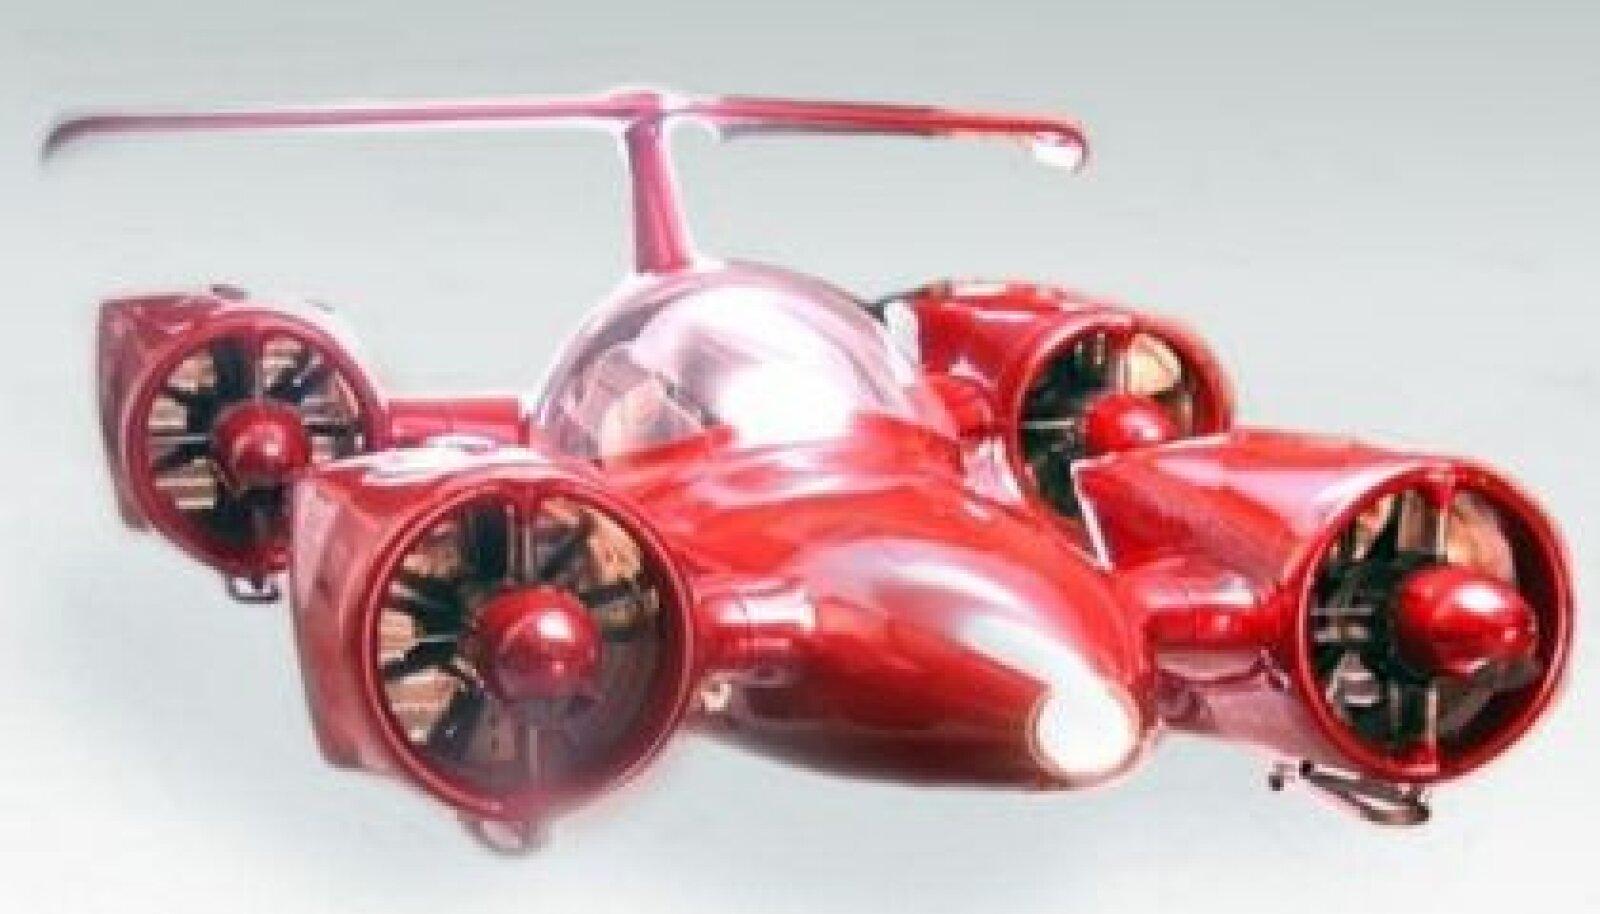 Moller Skycar - tuleviku lendsoomuk?